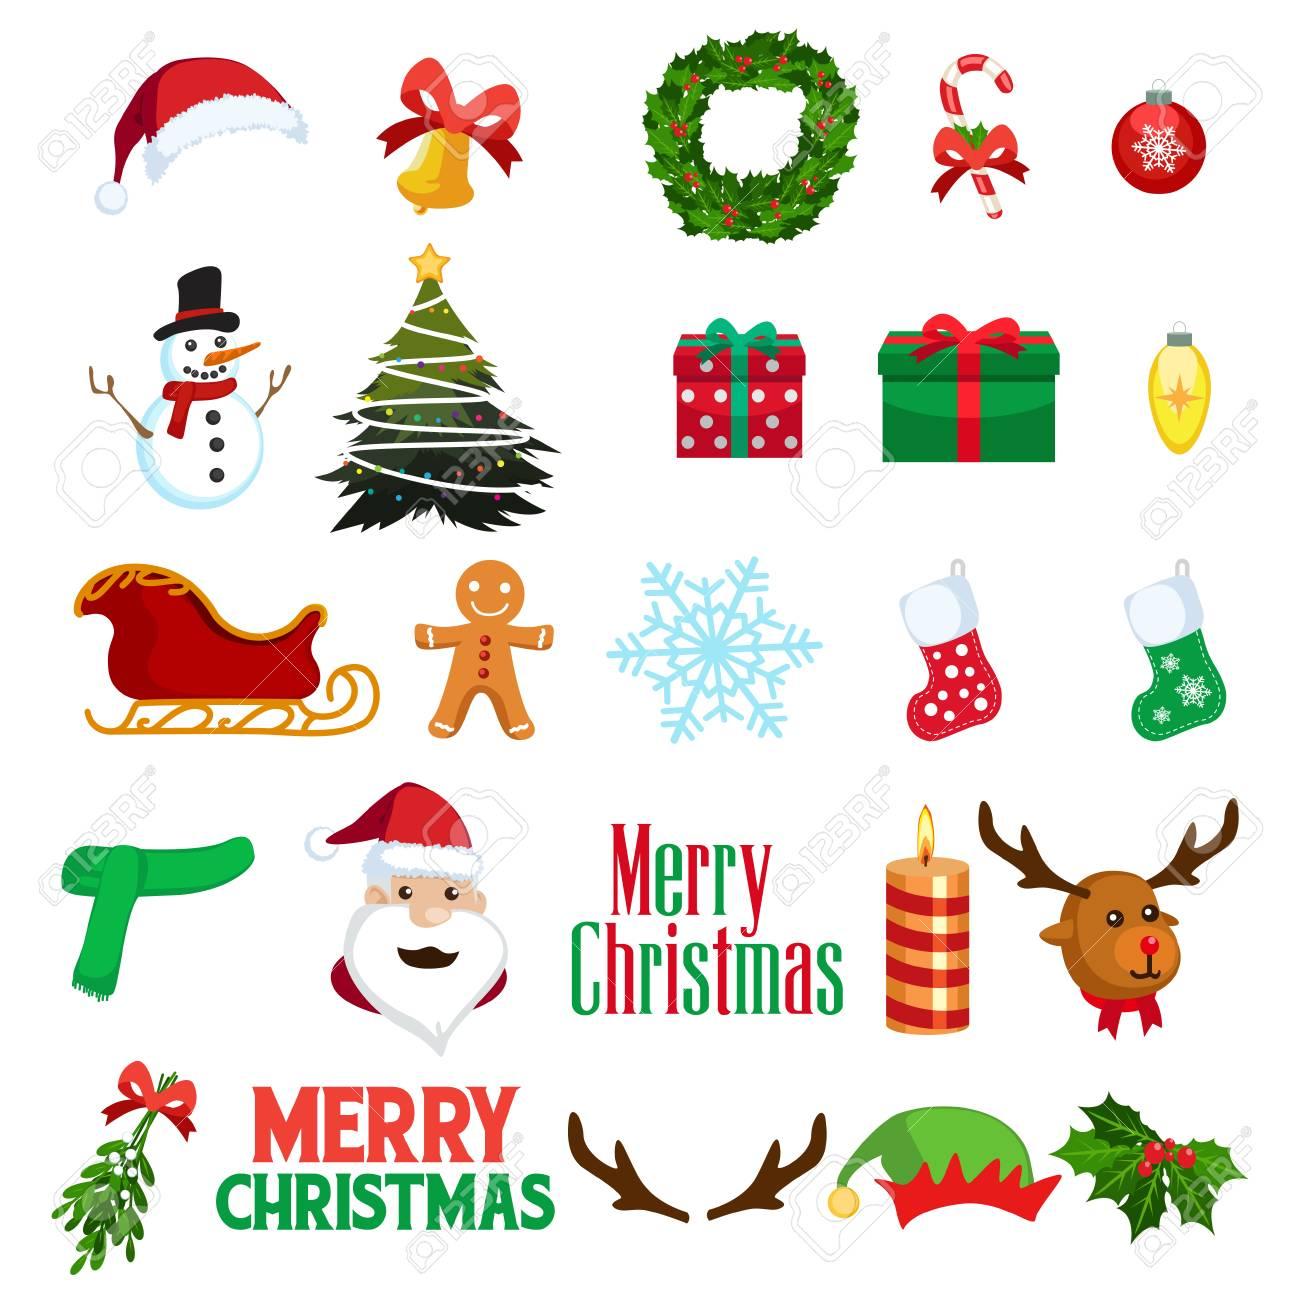 Una ilustración vectorial de invierno de Navidad Clipart Iconos.